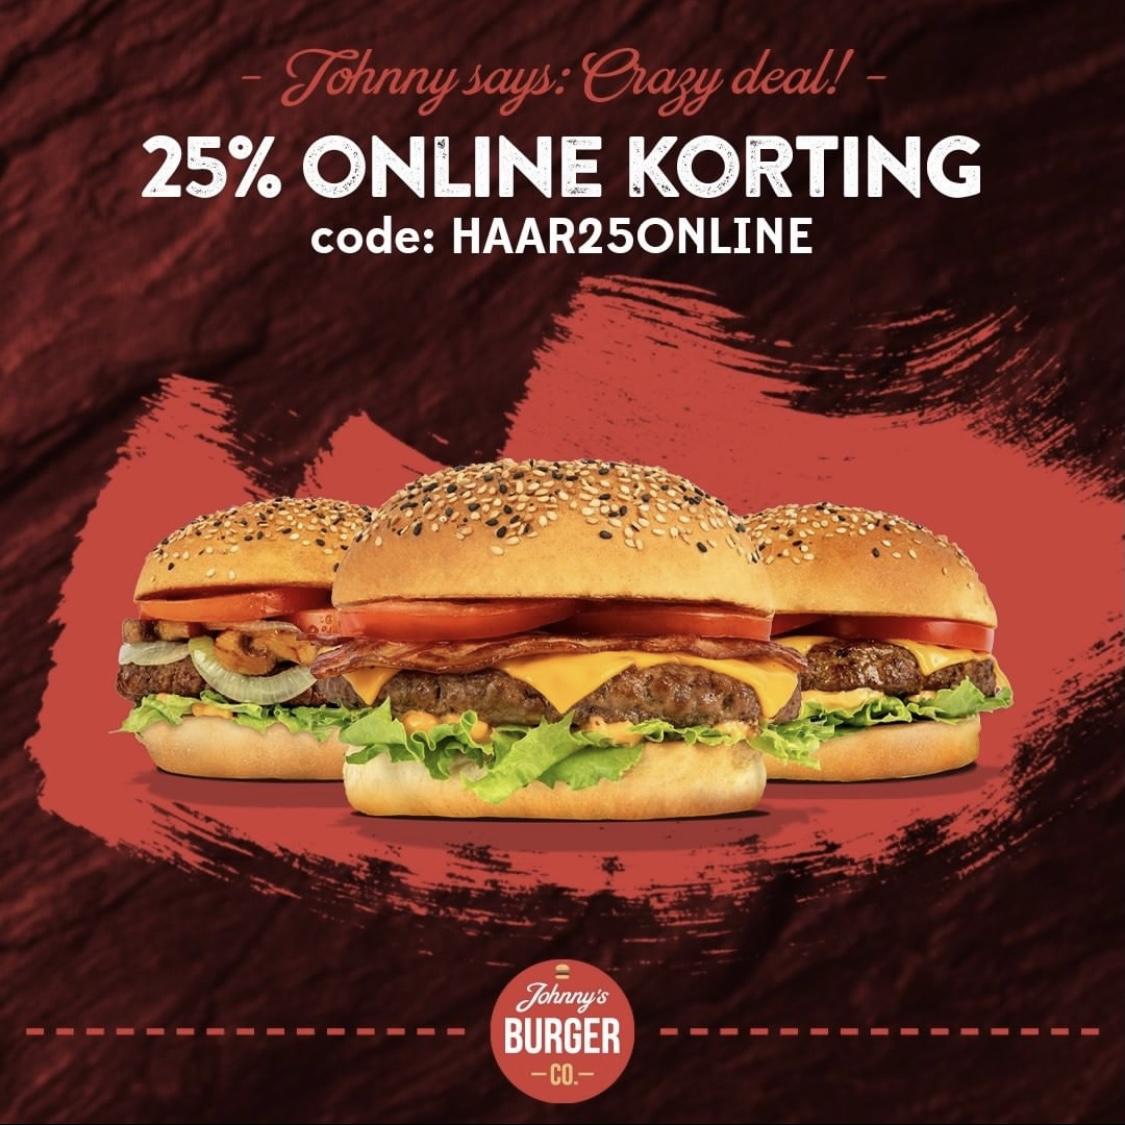 [lokaal][haarlem] Crazy deal bij Johnny's Burger